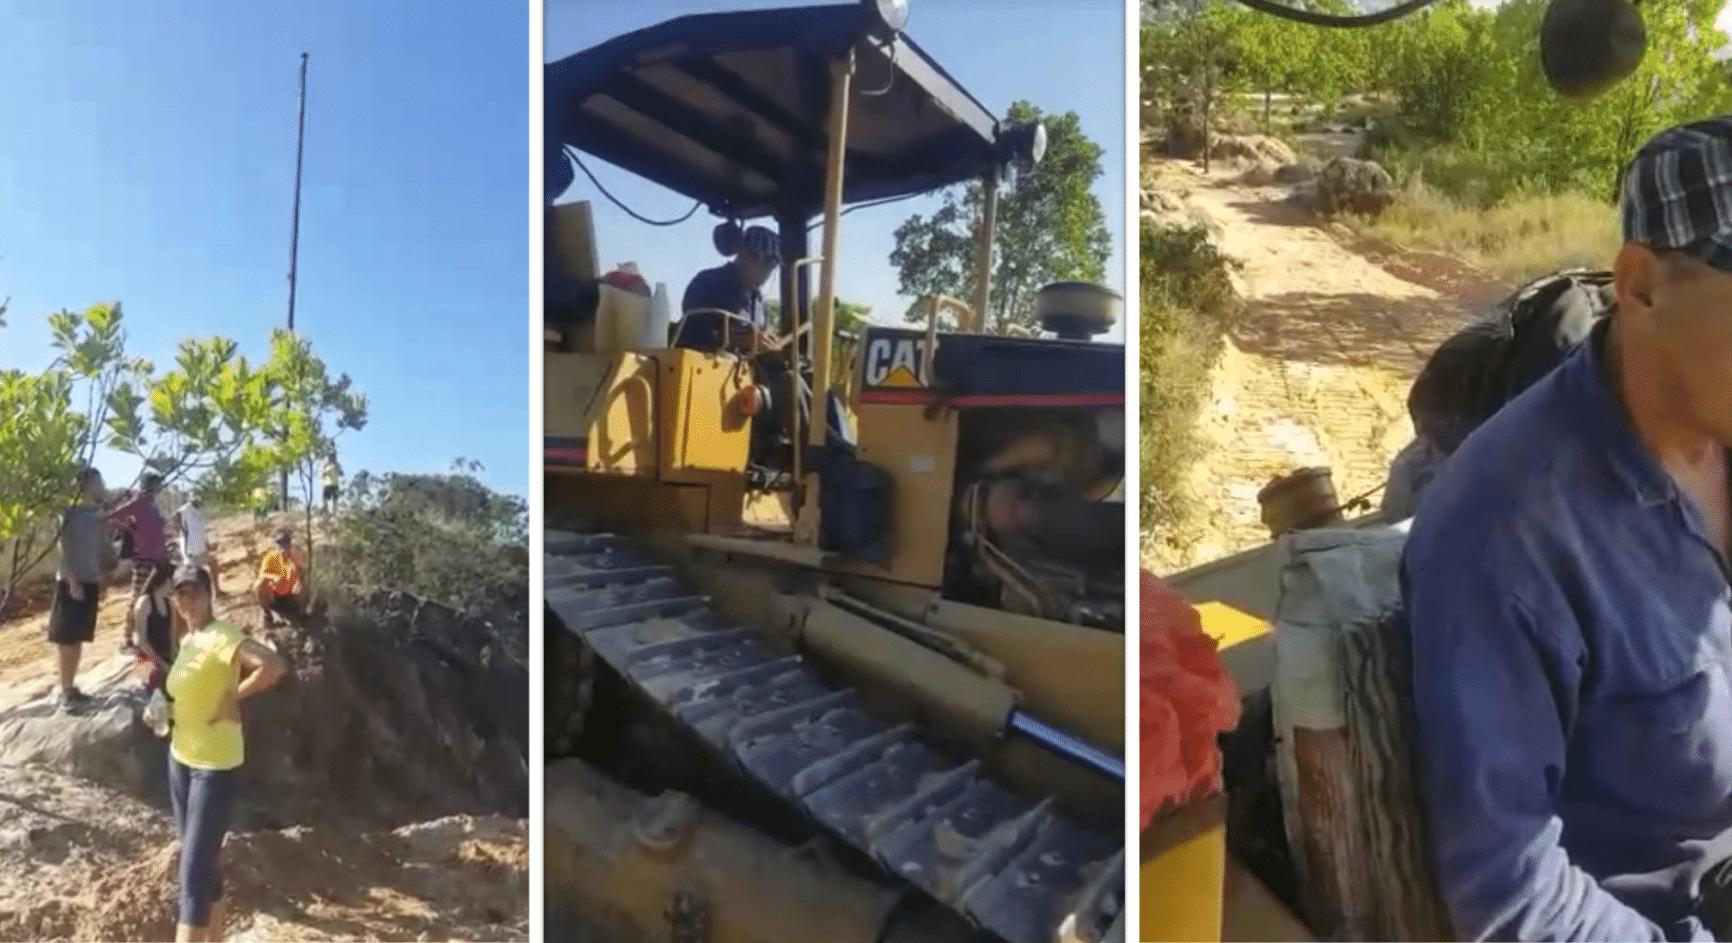 Ante polémica por video en que intervienen al Cerro la Bandera, CVC responde